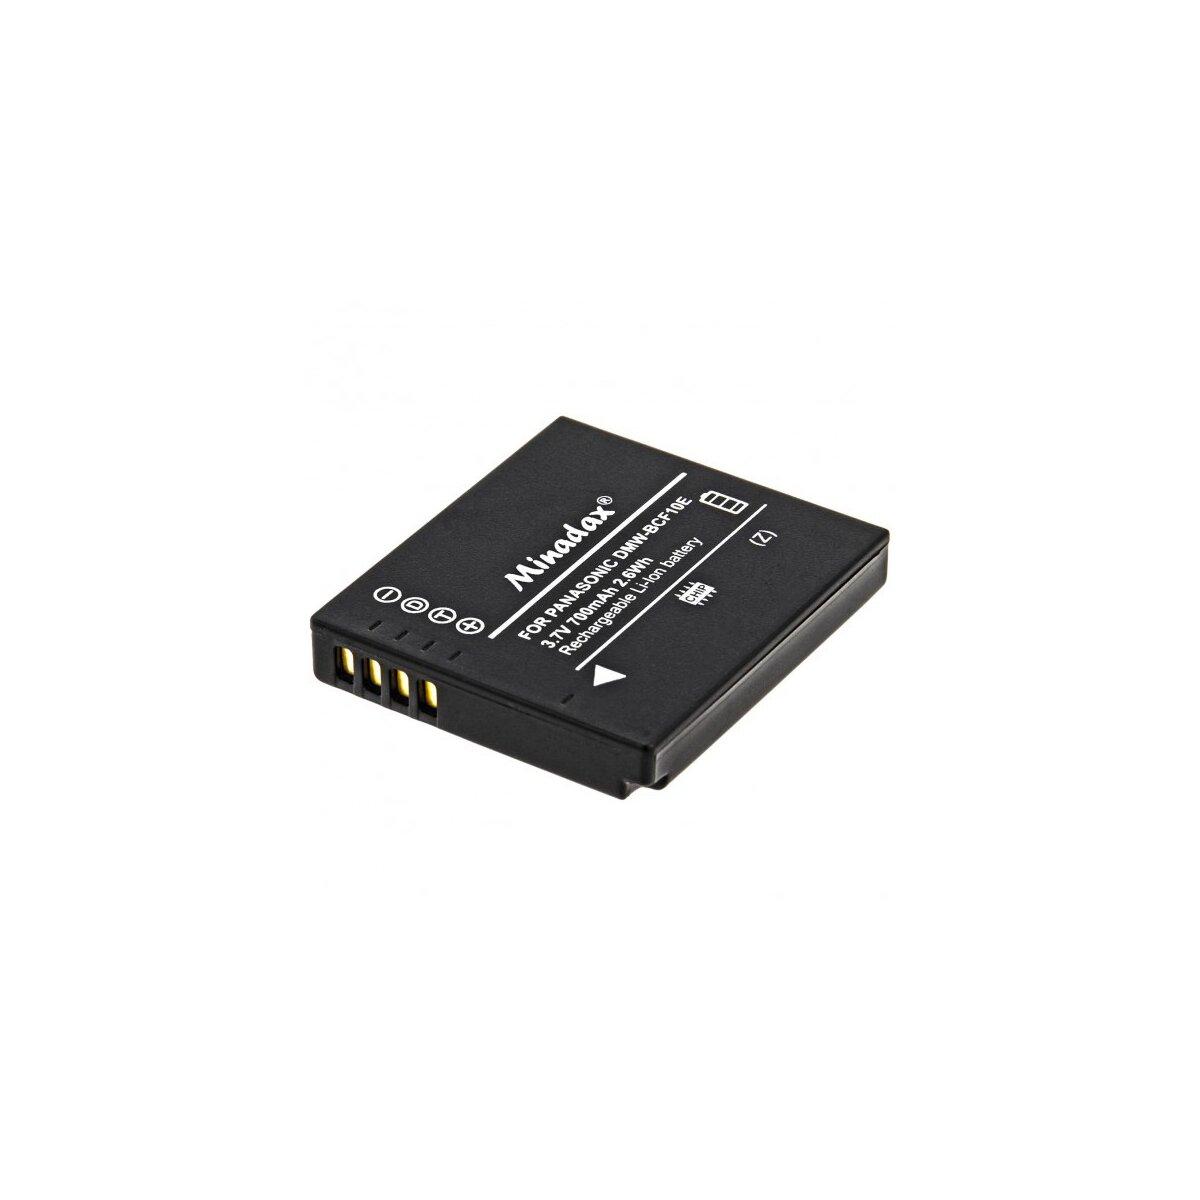 Minadax® Qualitaetsakku mit echten 700 mAh fuer Panasonic FX700 und FS15/FS7/FS6, wie DMW-BCF10E - Intelligentes Akkusystem mit Chip